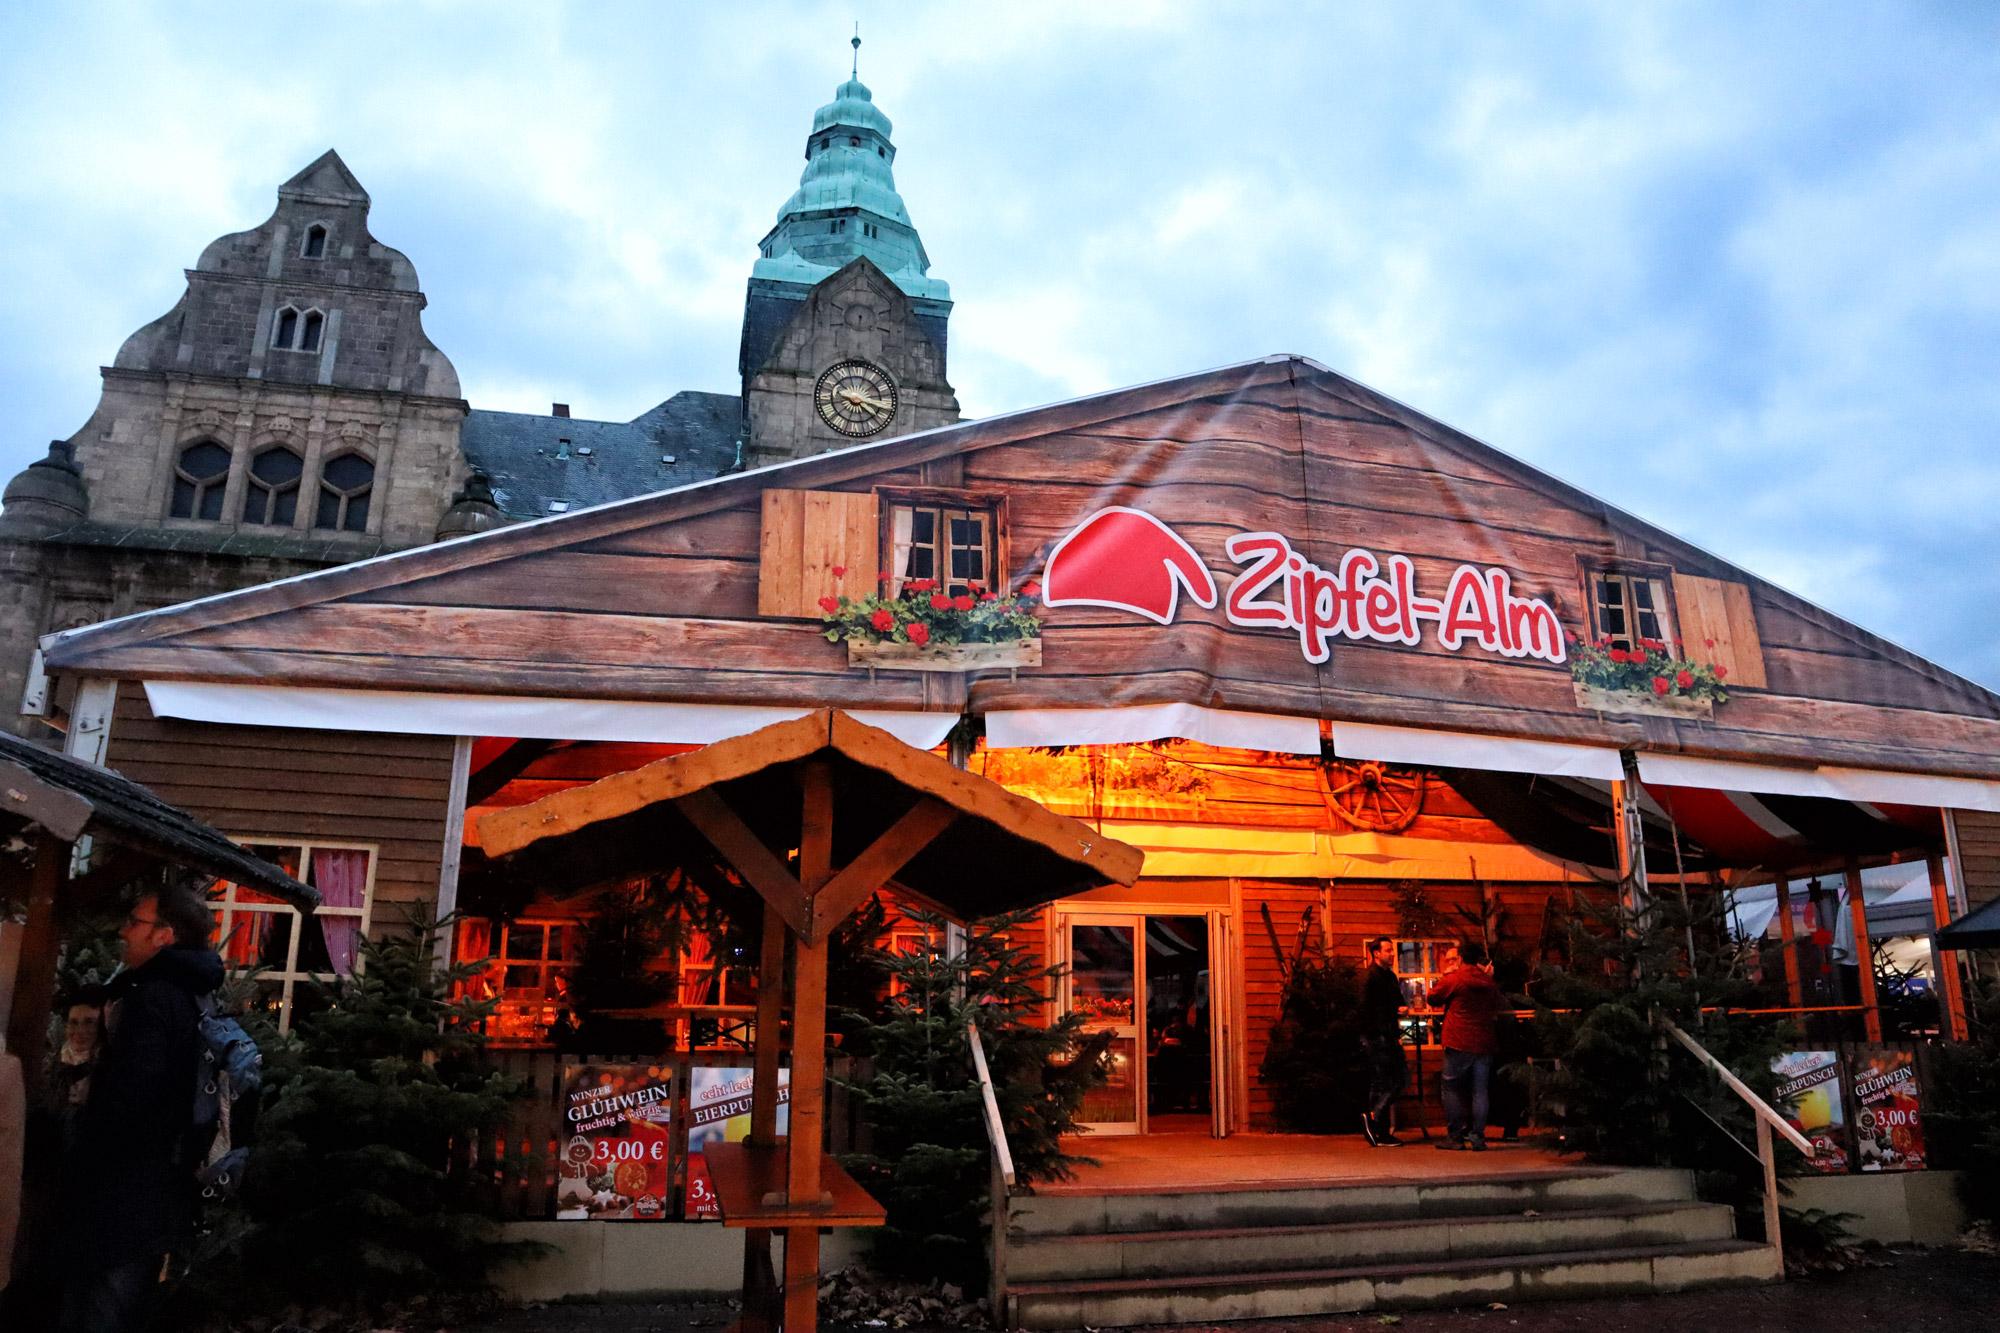 Kerstmarkt van Recklinghausen